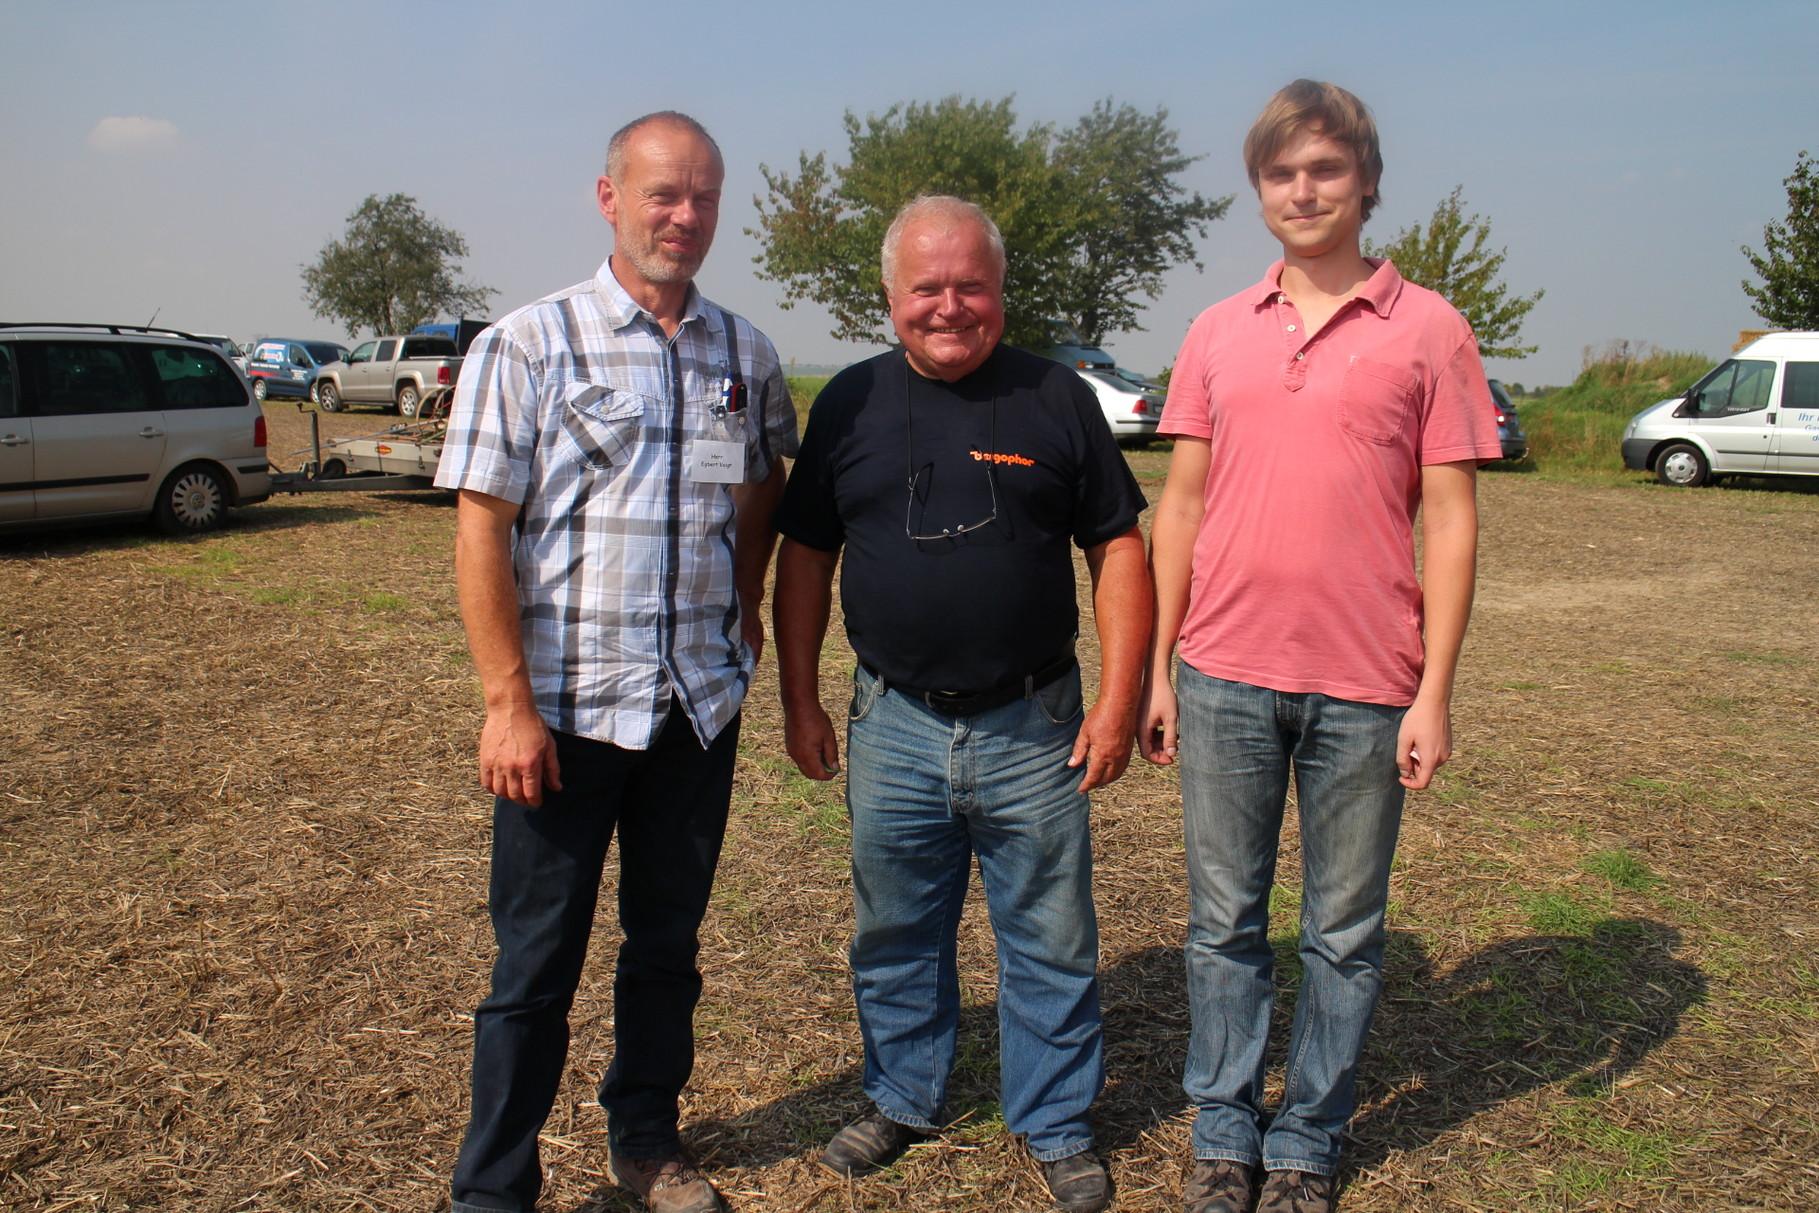 Pferdepflüger Alexander und Opa Rudi Hartmann mit Egbert Voigt